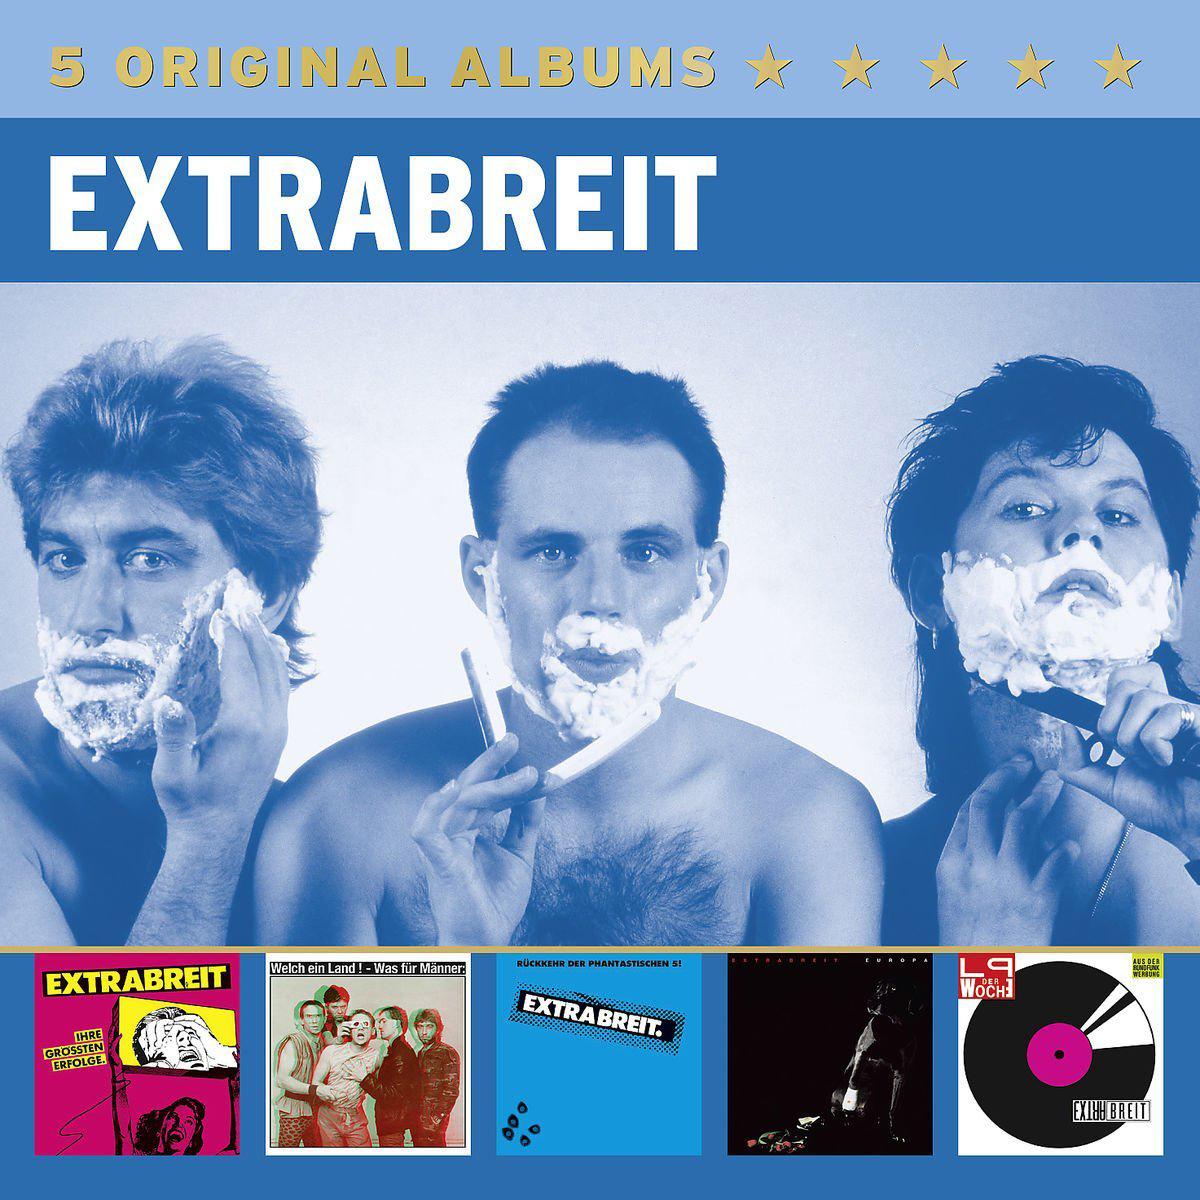 Extrabreit: 5 Original Albums (2015) (Ihre größten Erfolge (1980), Welch ein Land ! – Was für Männer (1981), Rückkehr der phantastischen 5! (1982), Europa (1983), LP der Woche (1984))